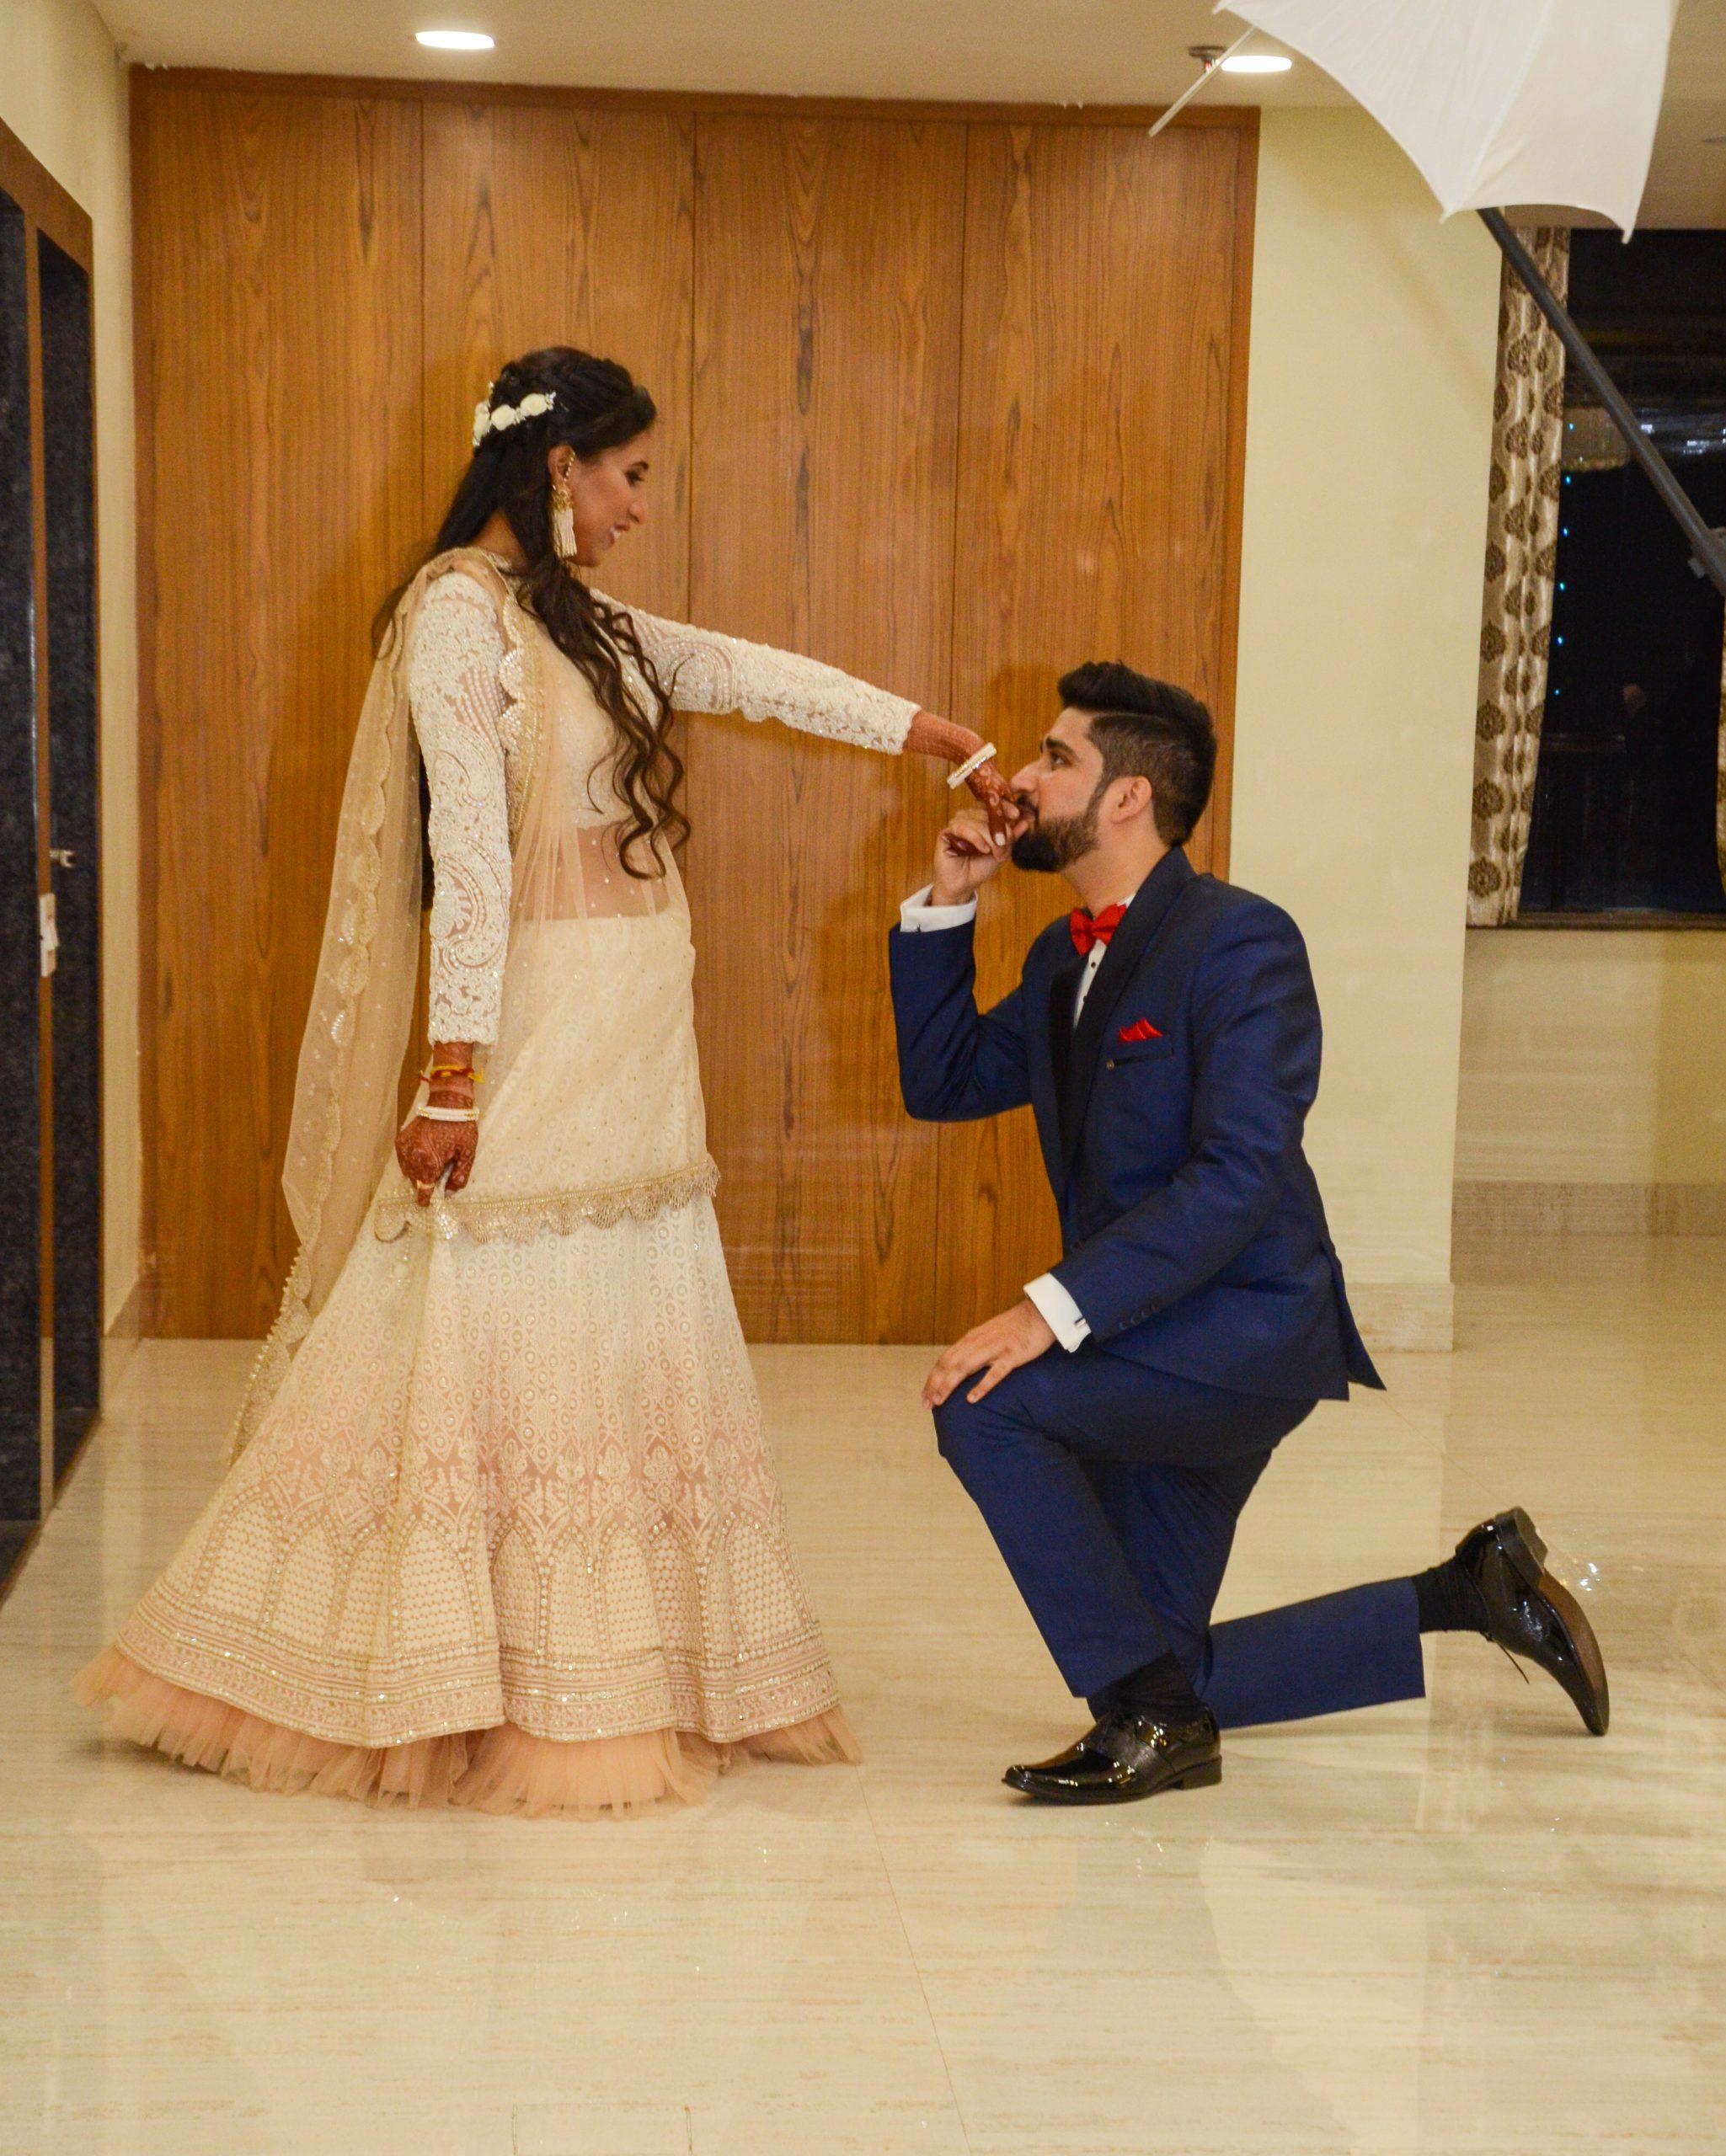 A bridegroom and bride